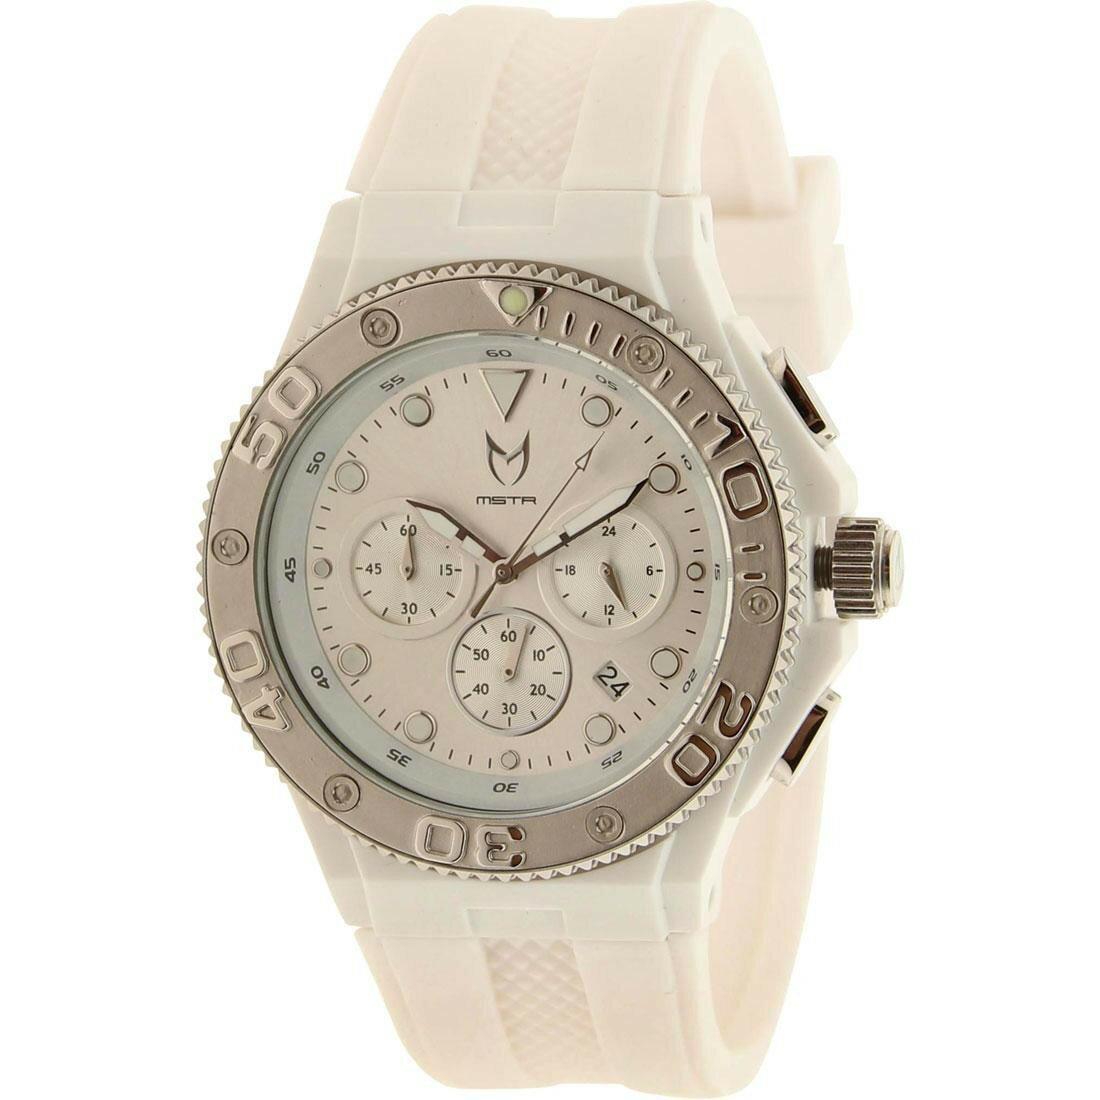 ベース bass meister ambassador アンバサダー plastic プラスチック mk2 watch ウォッチ 時計 white 男女兼用腕時計 腕時計